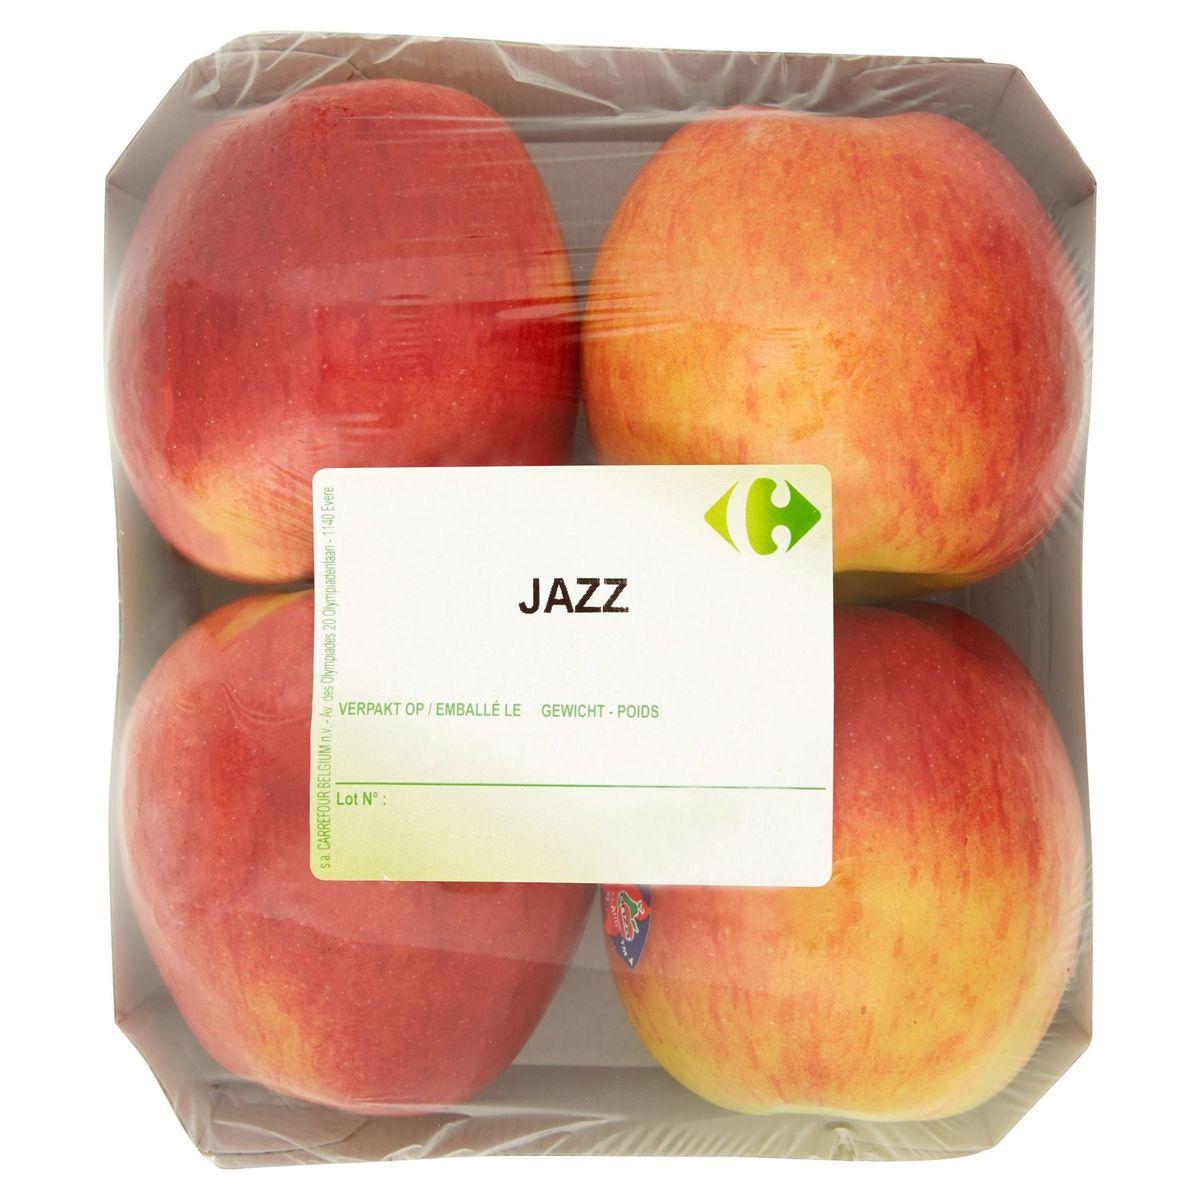 Carrefour Pomme Jazz 4 PCS